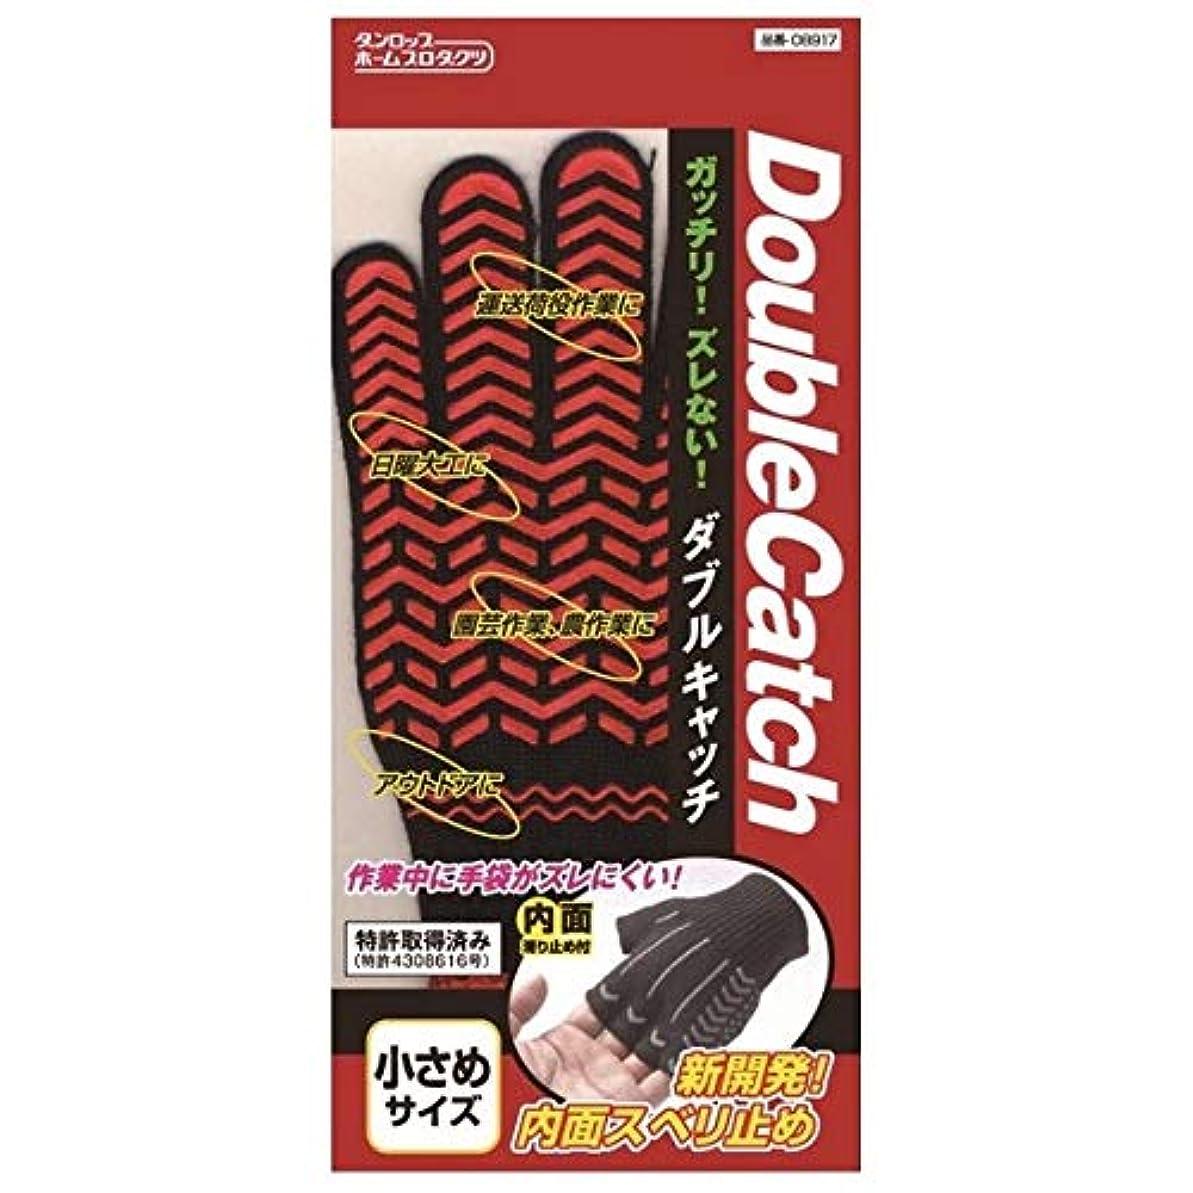 臨検評決ベアリングダンロップ ダブルキャッチ 手袋 小さめサイズ レッド 10双×12袋(120双)